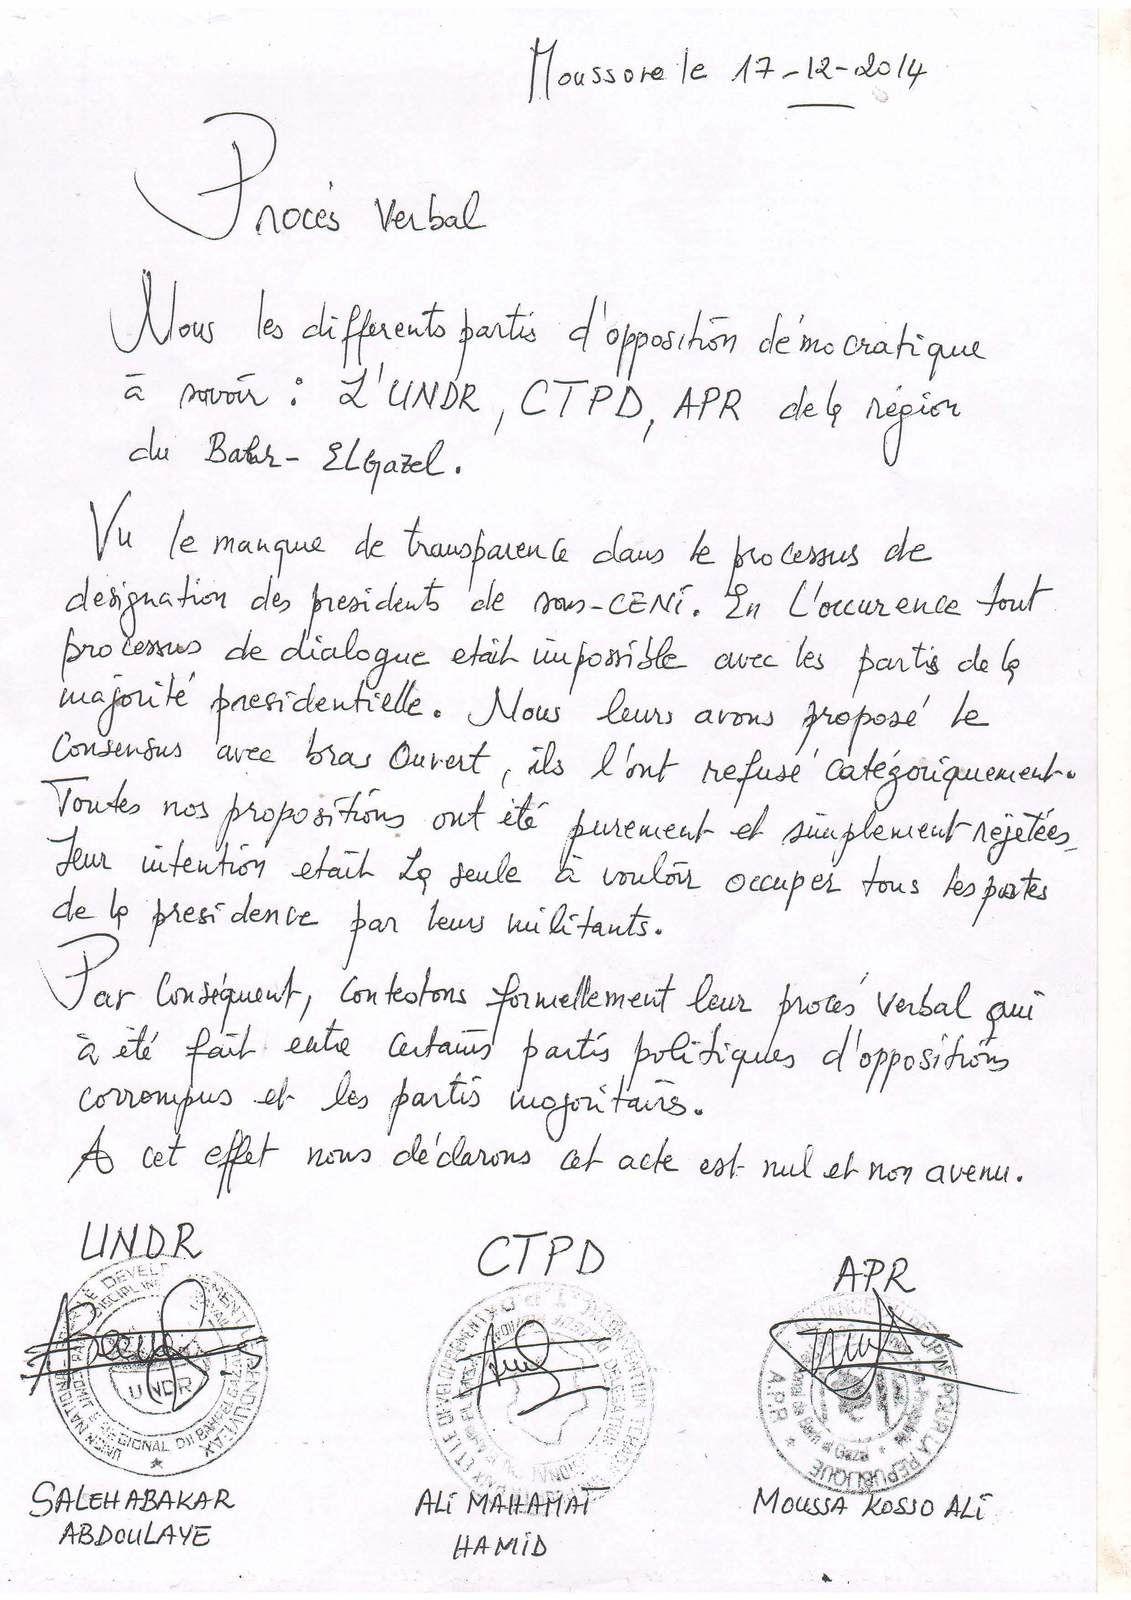 Tchad: voici le procès verbal en question